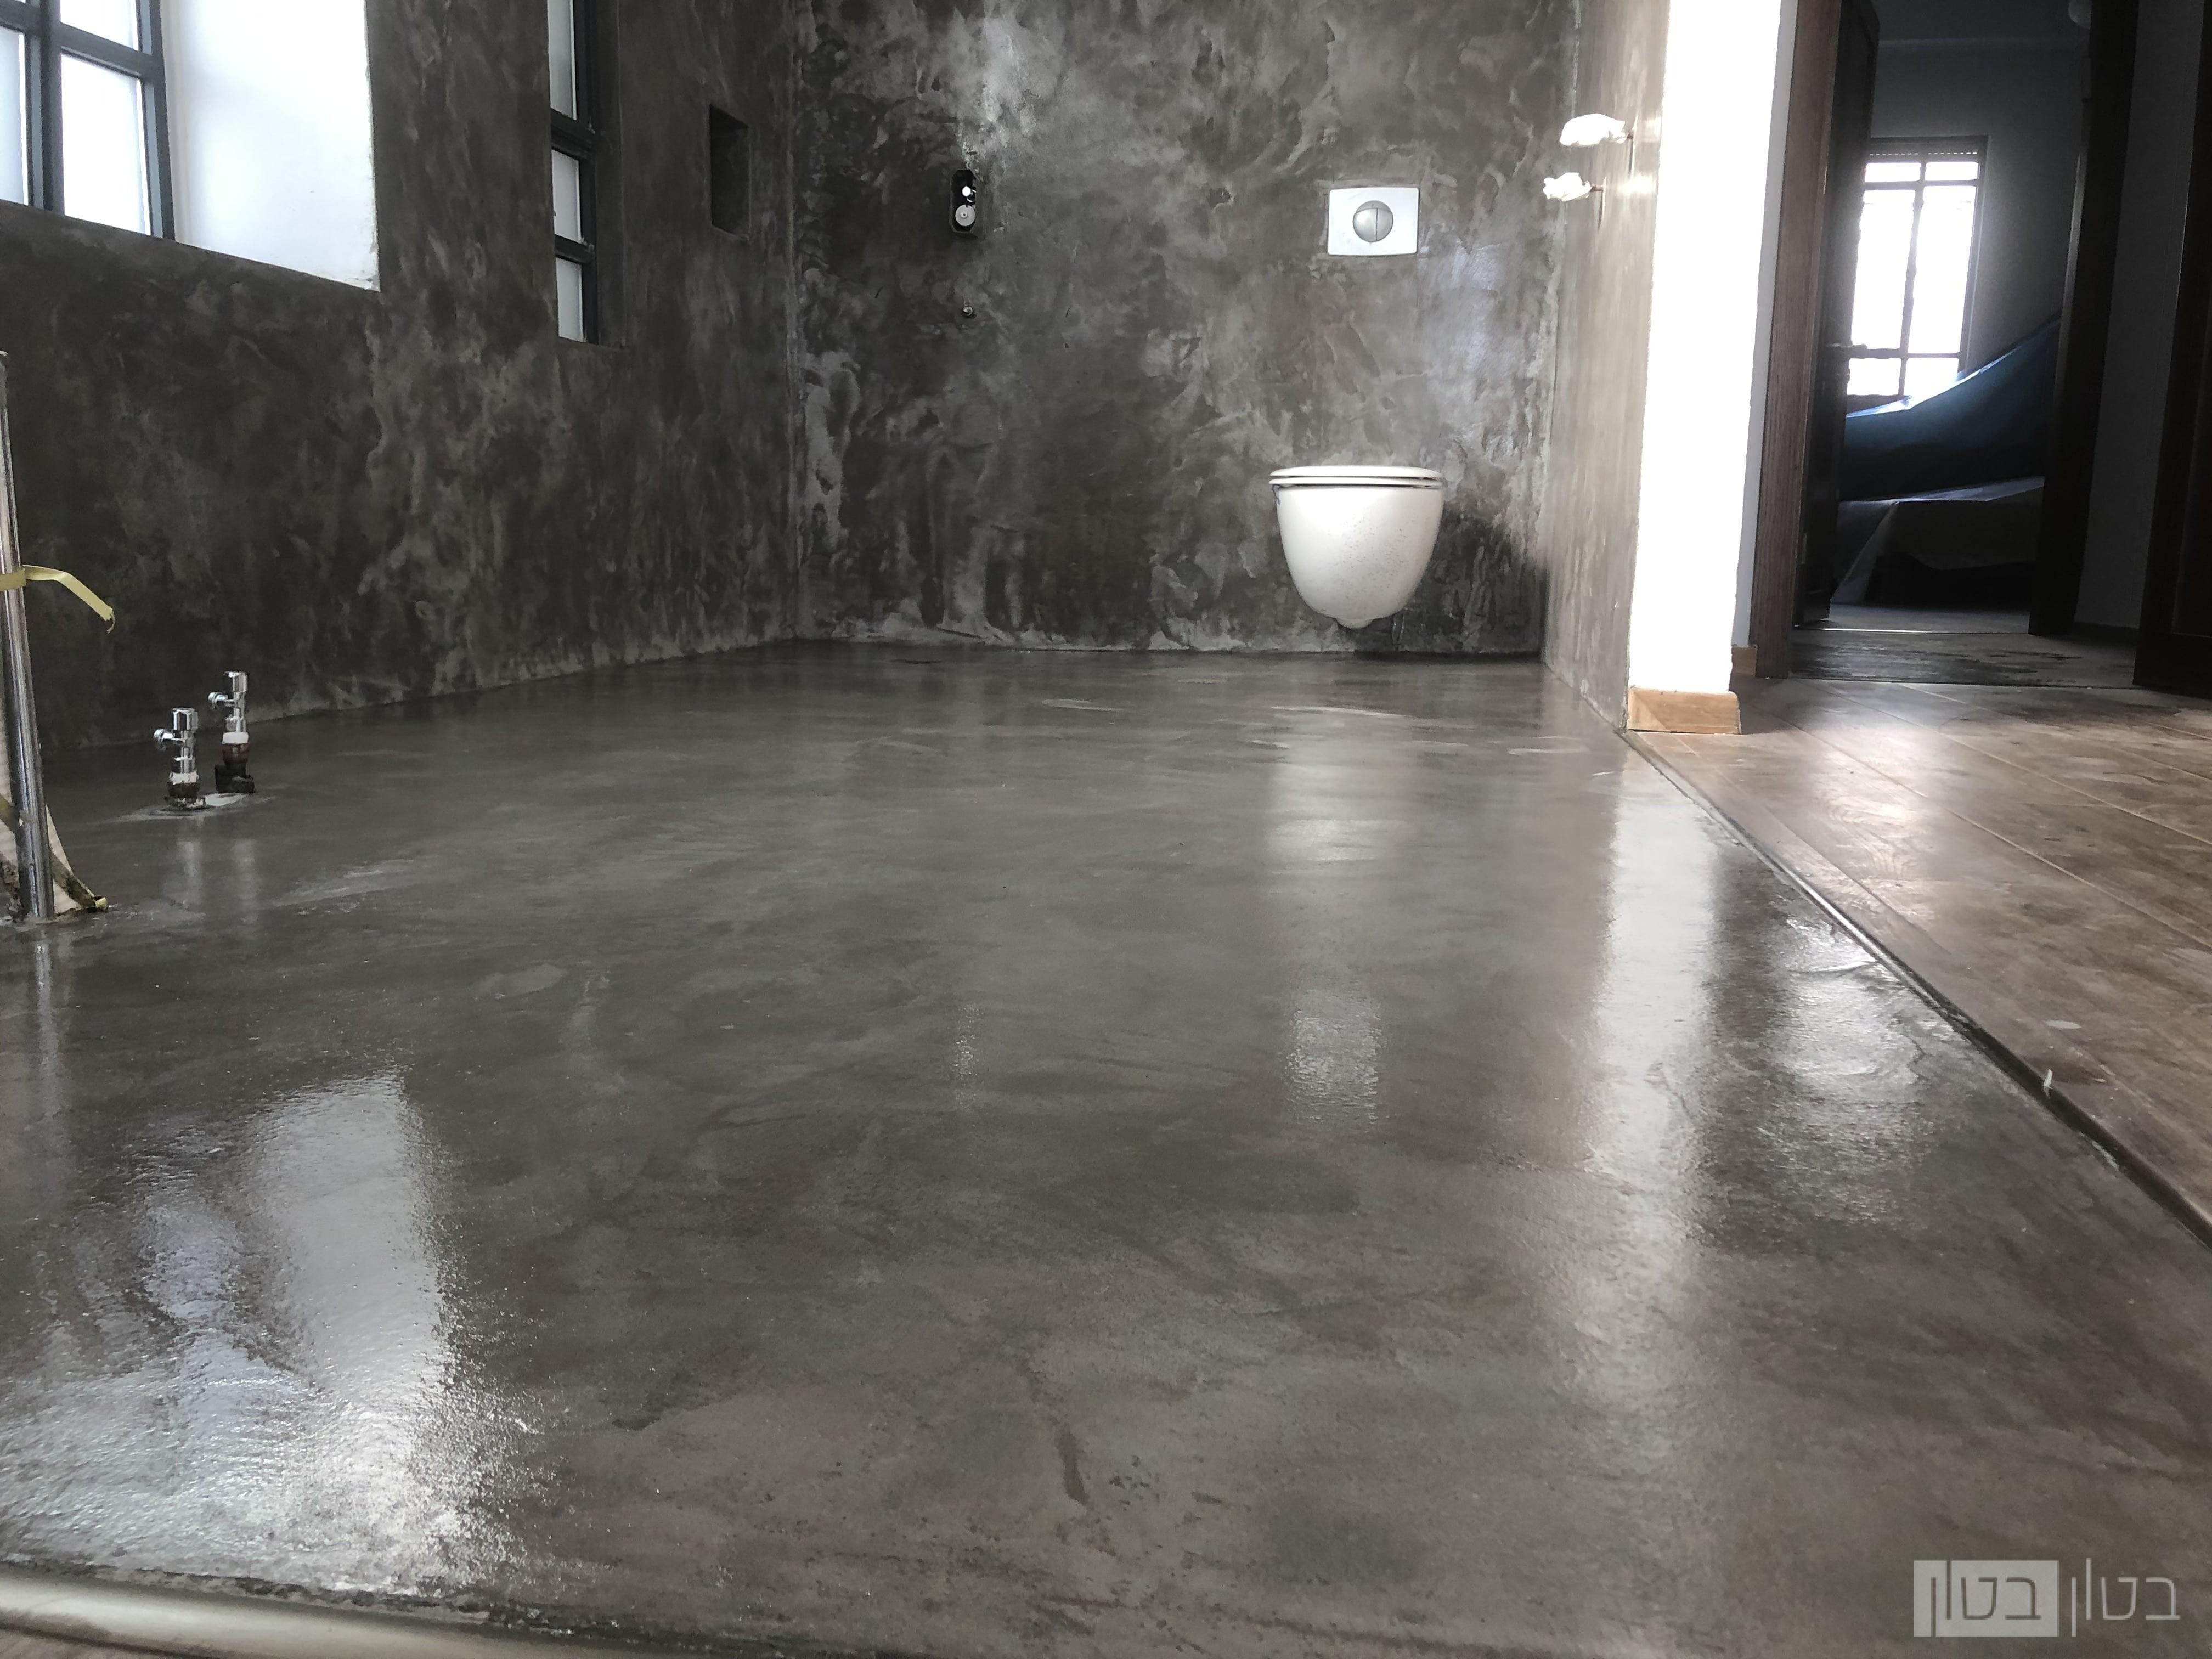 שיפוץ חדר רחצה בחיפוי מיקרוטופינג בטון